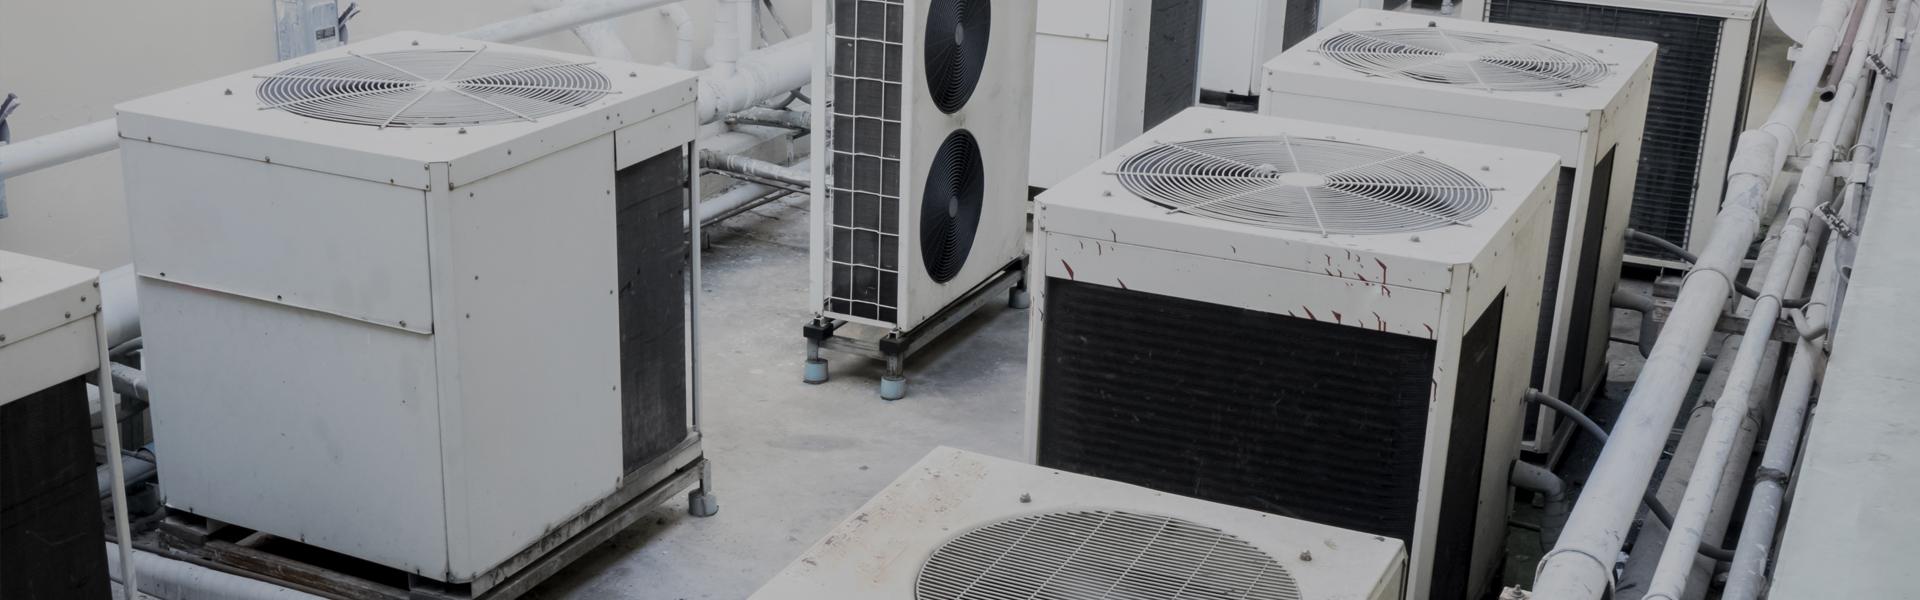 демонтаж на климатици, климатици софия, монтаж на климатици